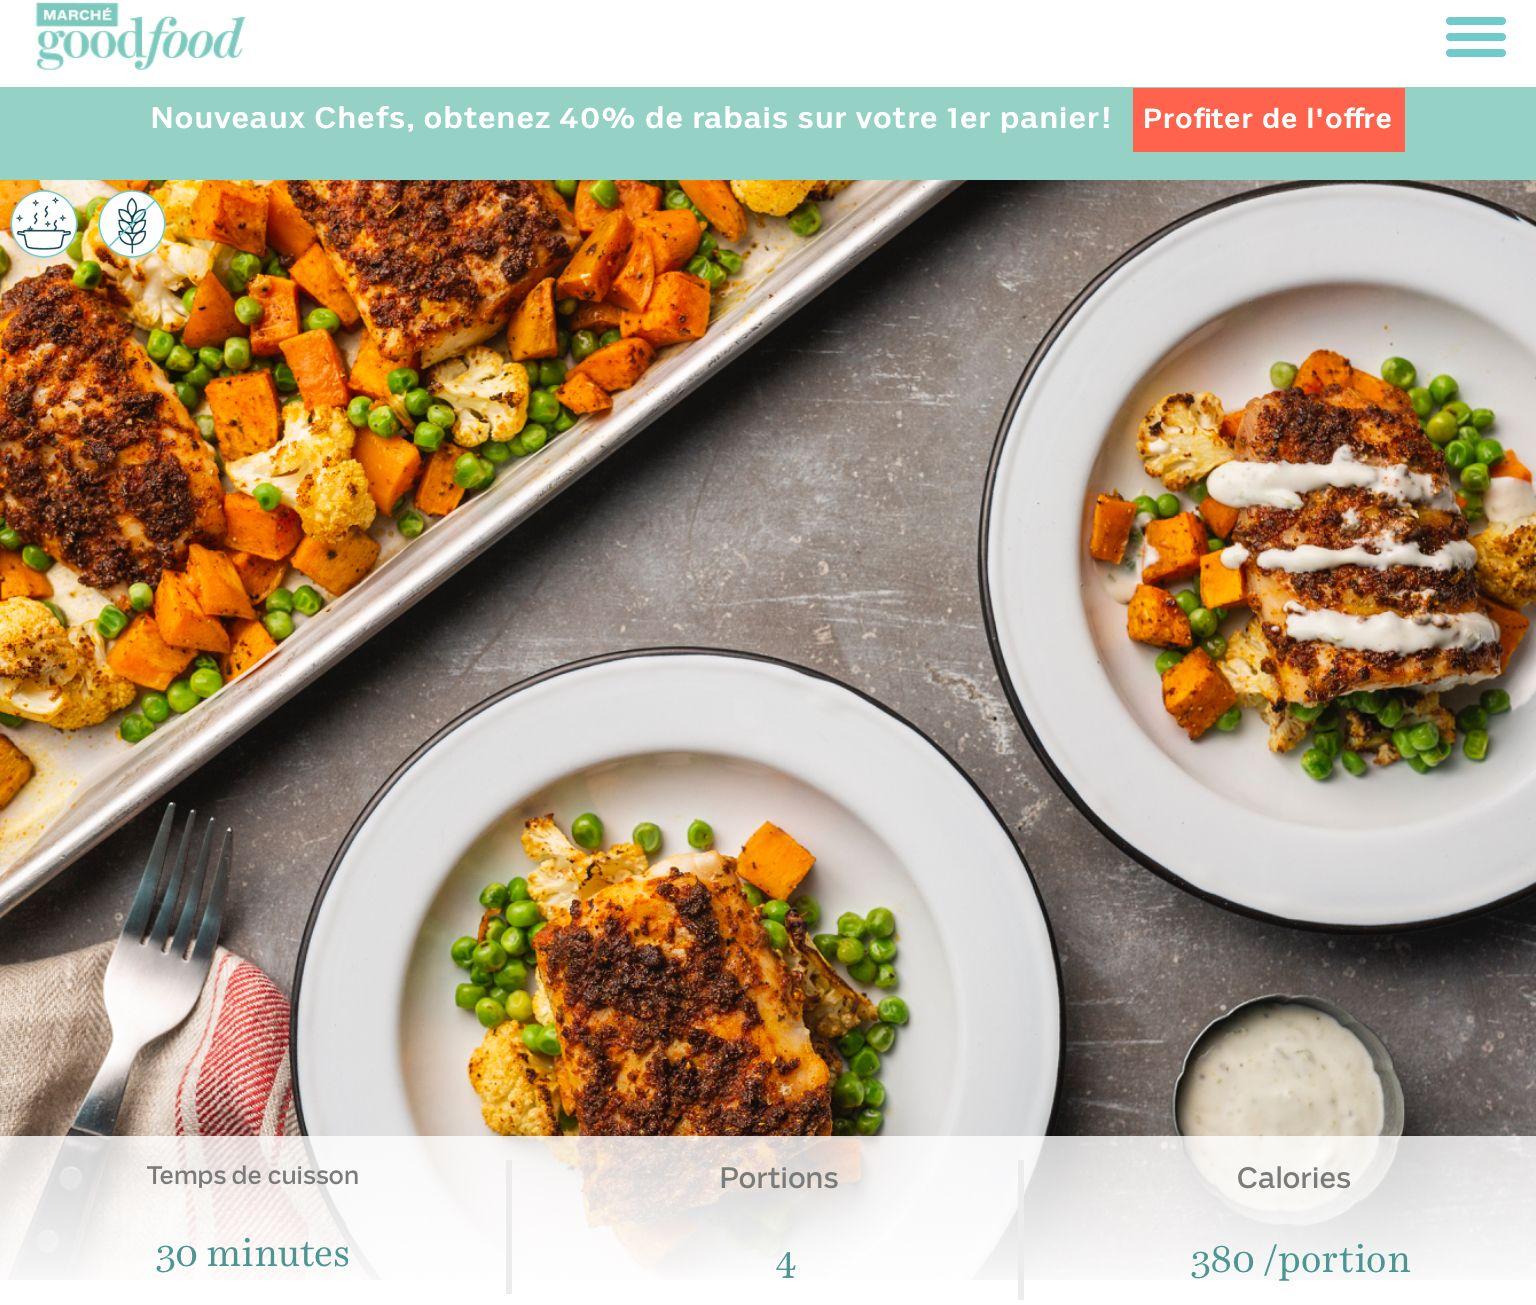 Goodfood Aiglefin Miel Tandoori A La Plaque Avec Chou Fleur Patates